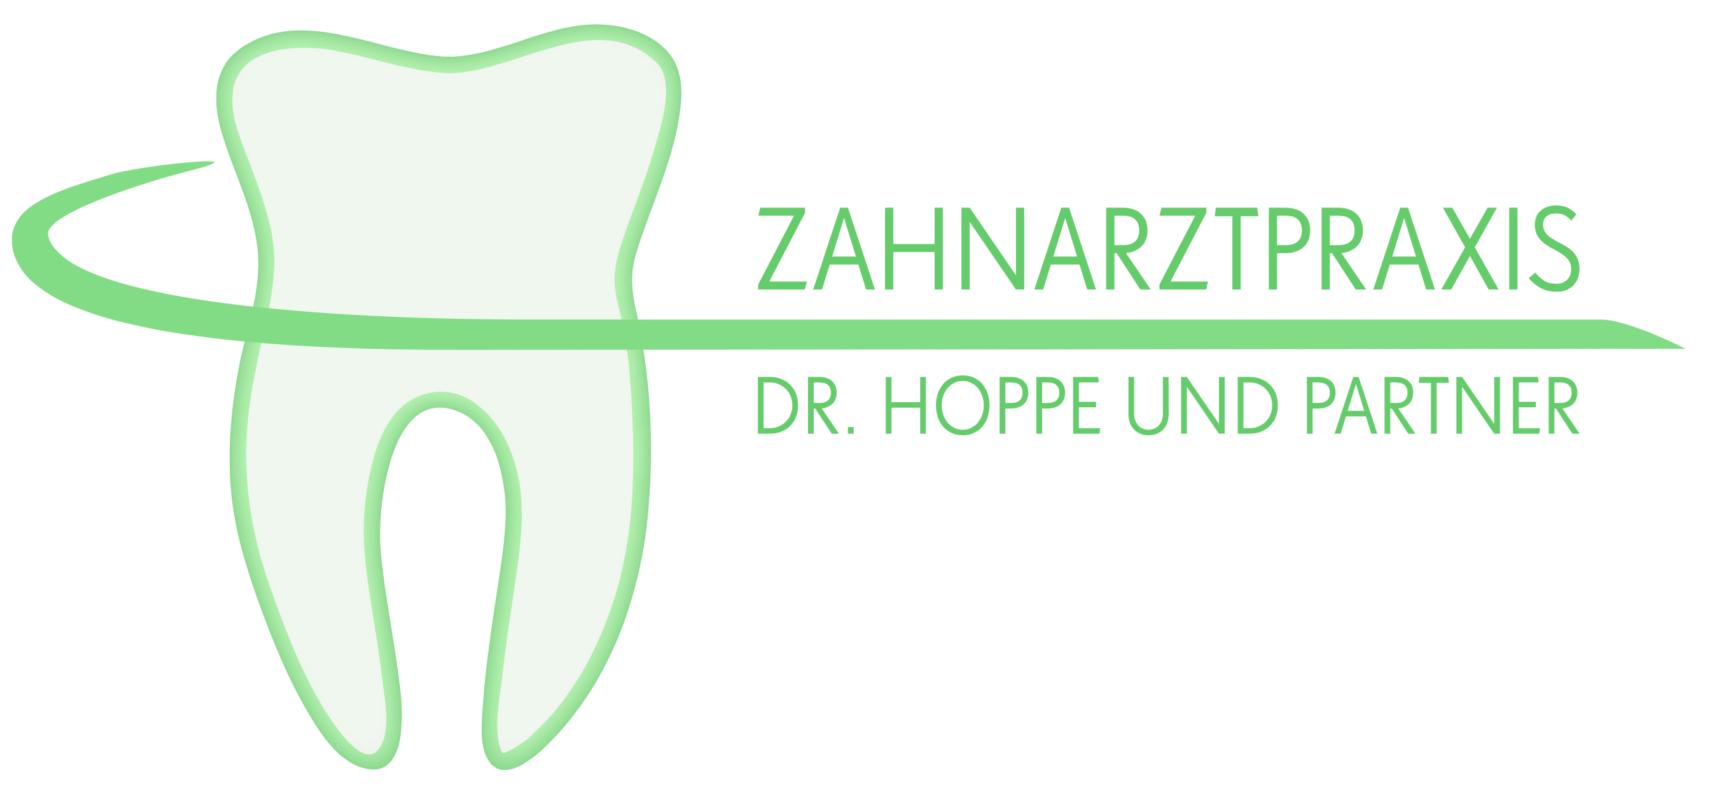 Zahnarztpraxis Dr. Hoppe und Partner in Rehburg